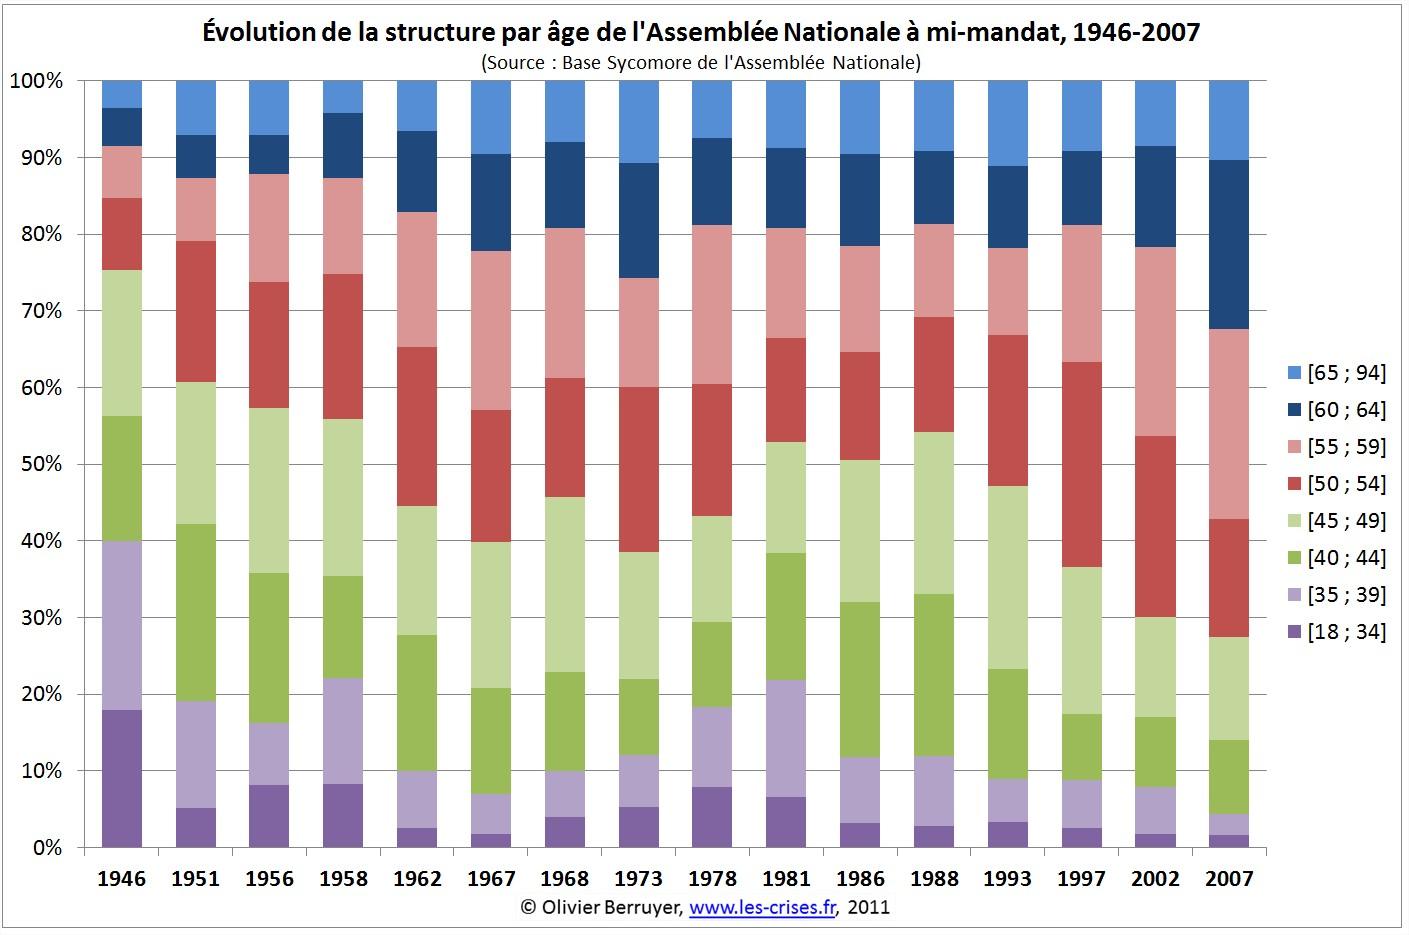 Structure d'age de l'assemblée nationale